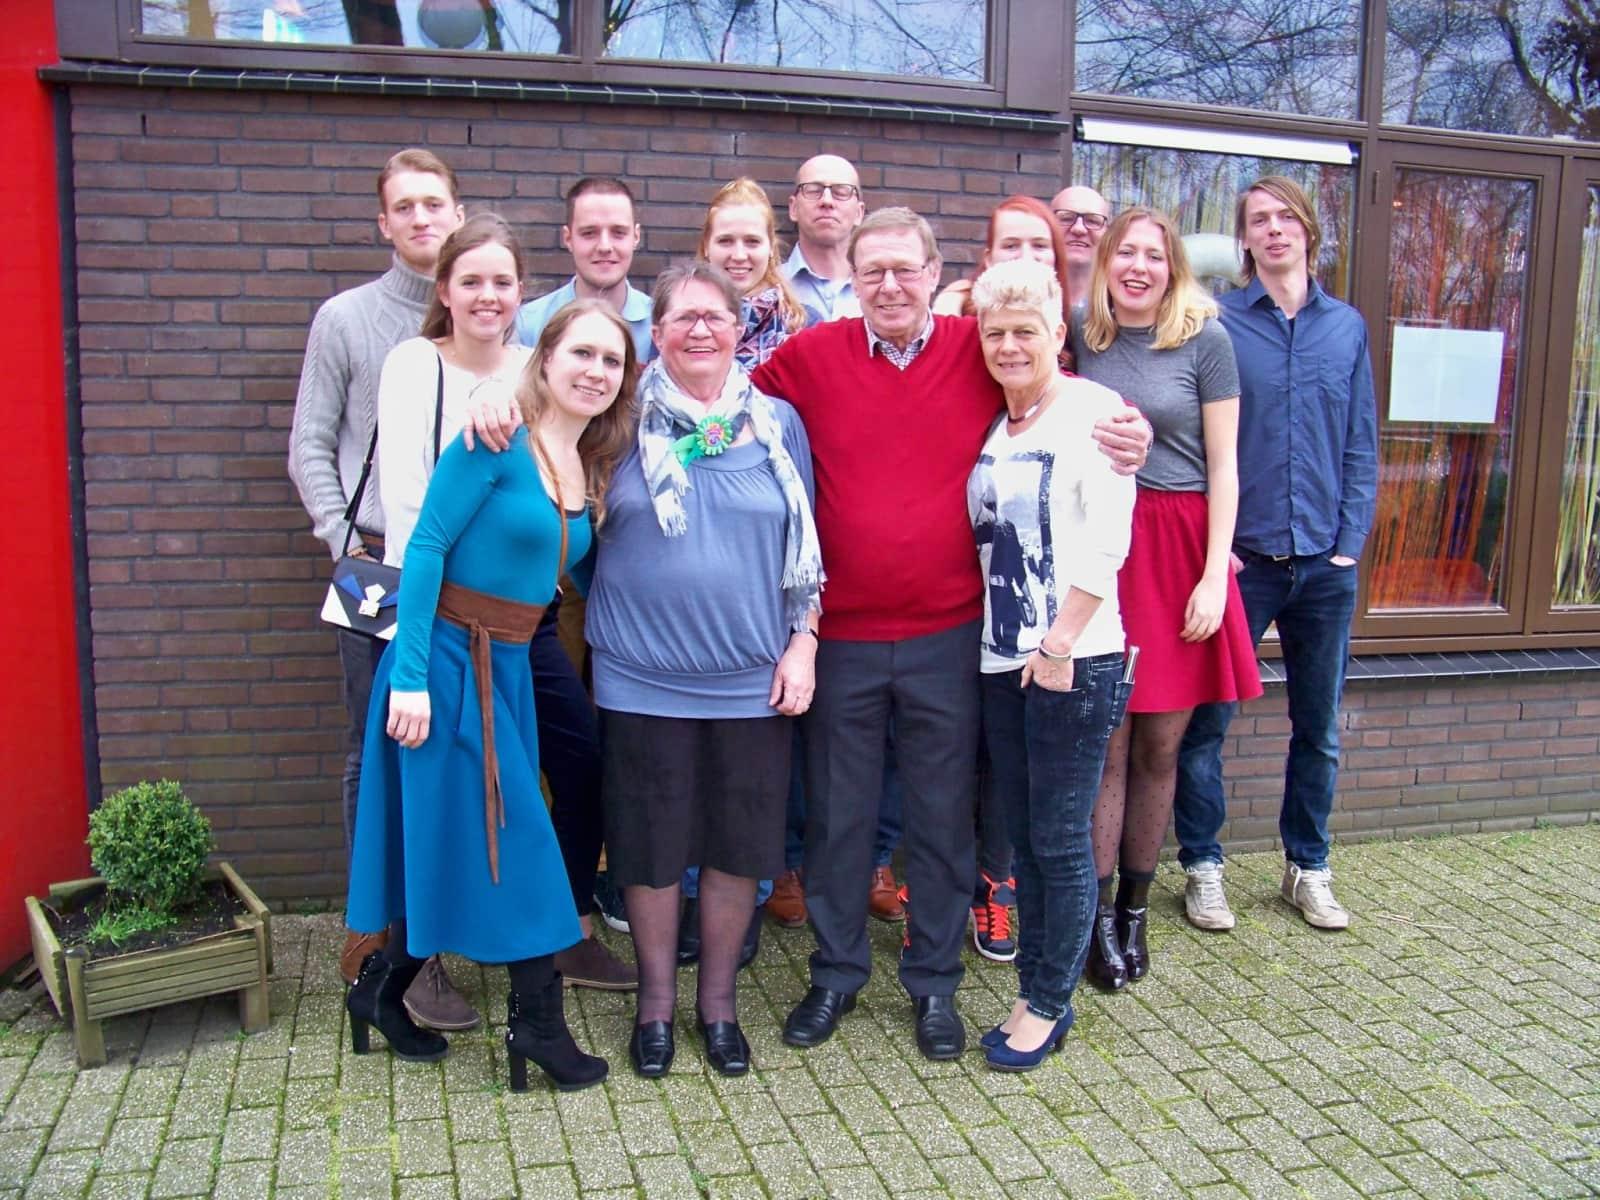 Ivo & Mariet from Op den Bosch, Netherlands